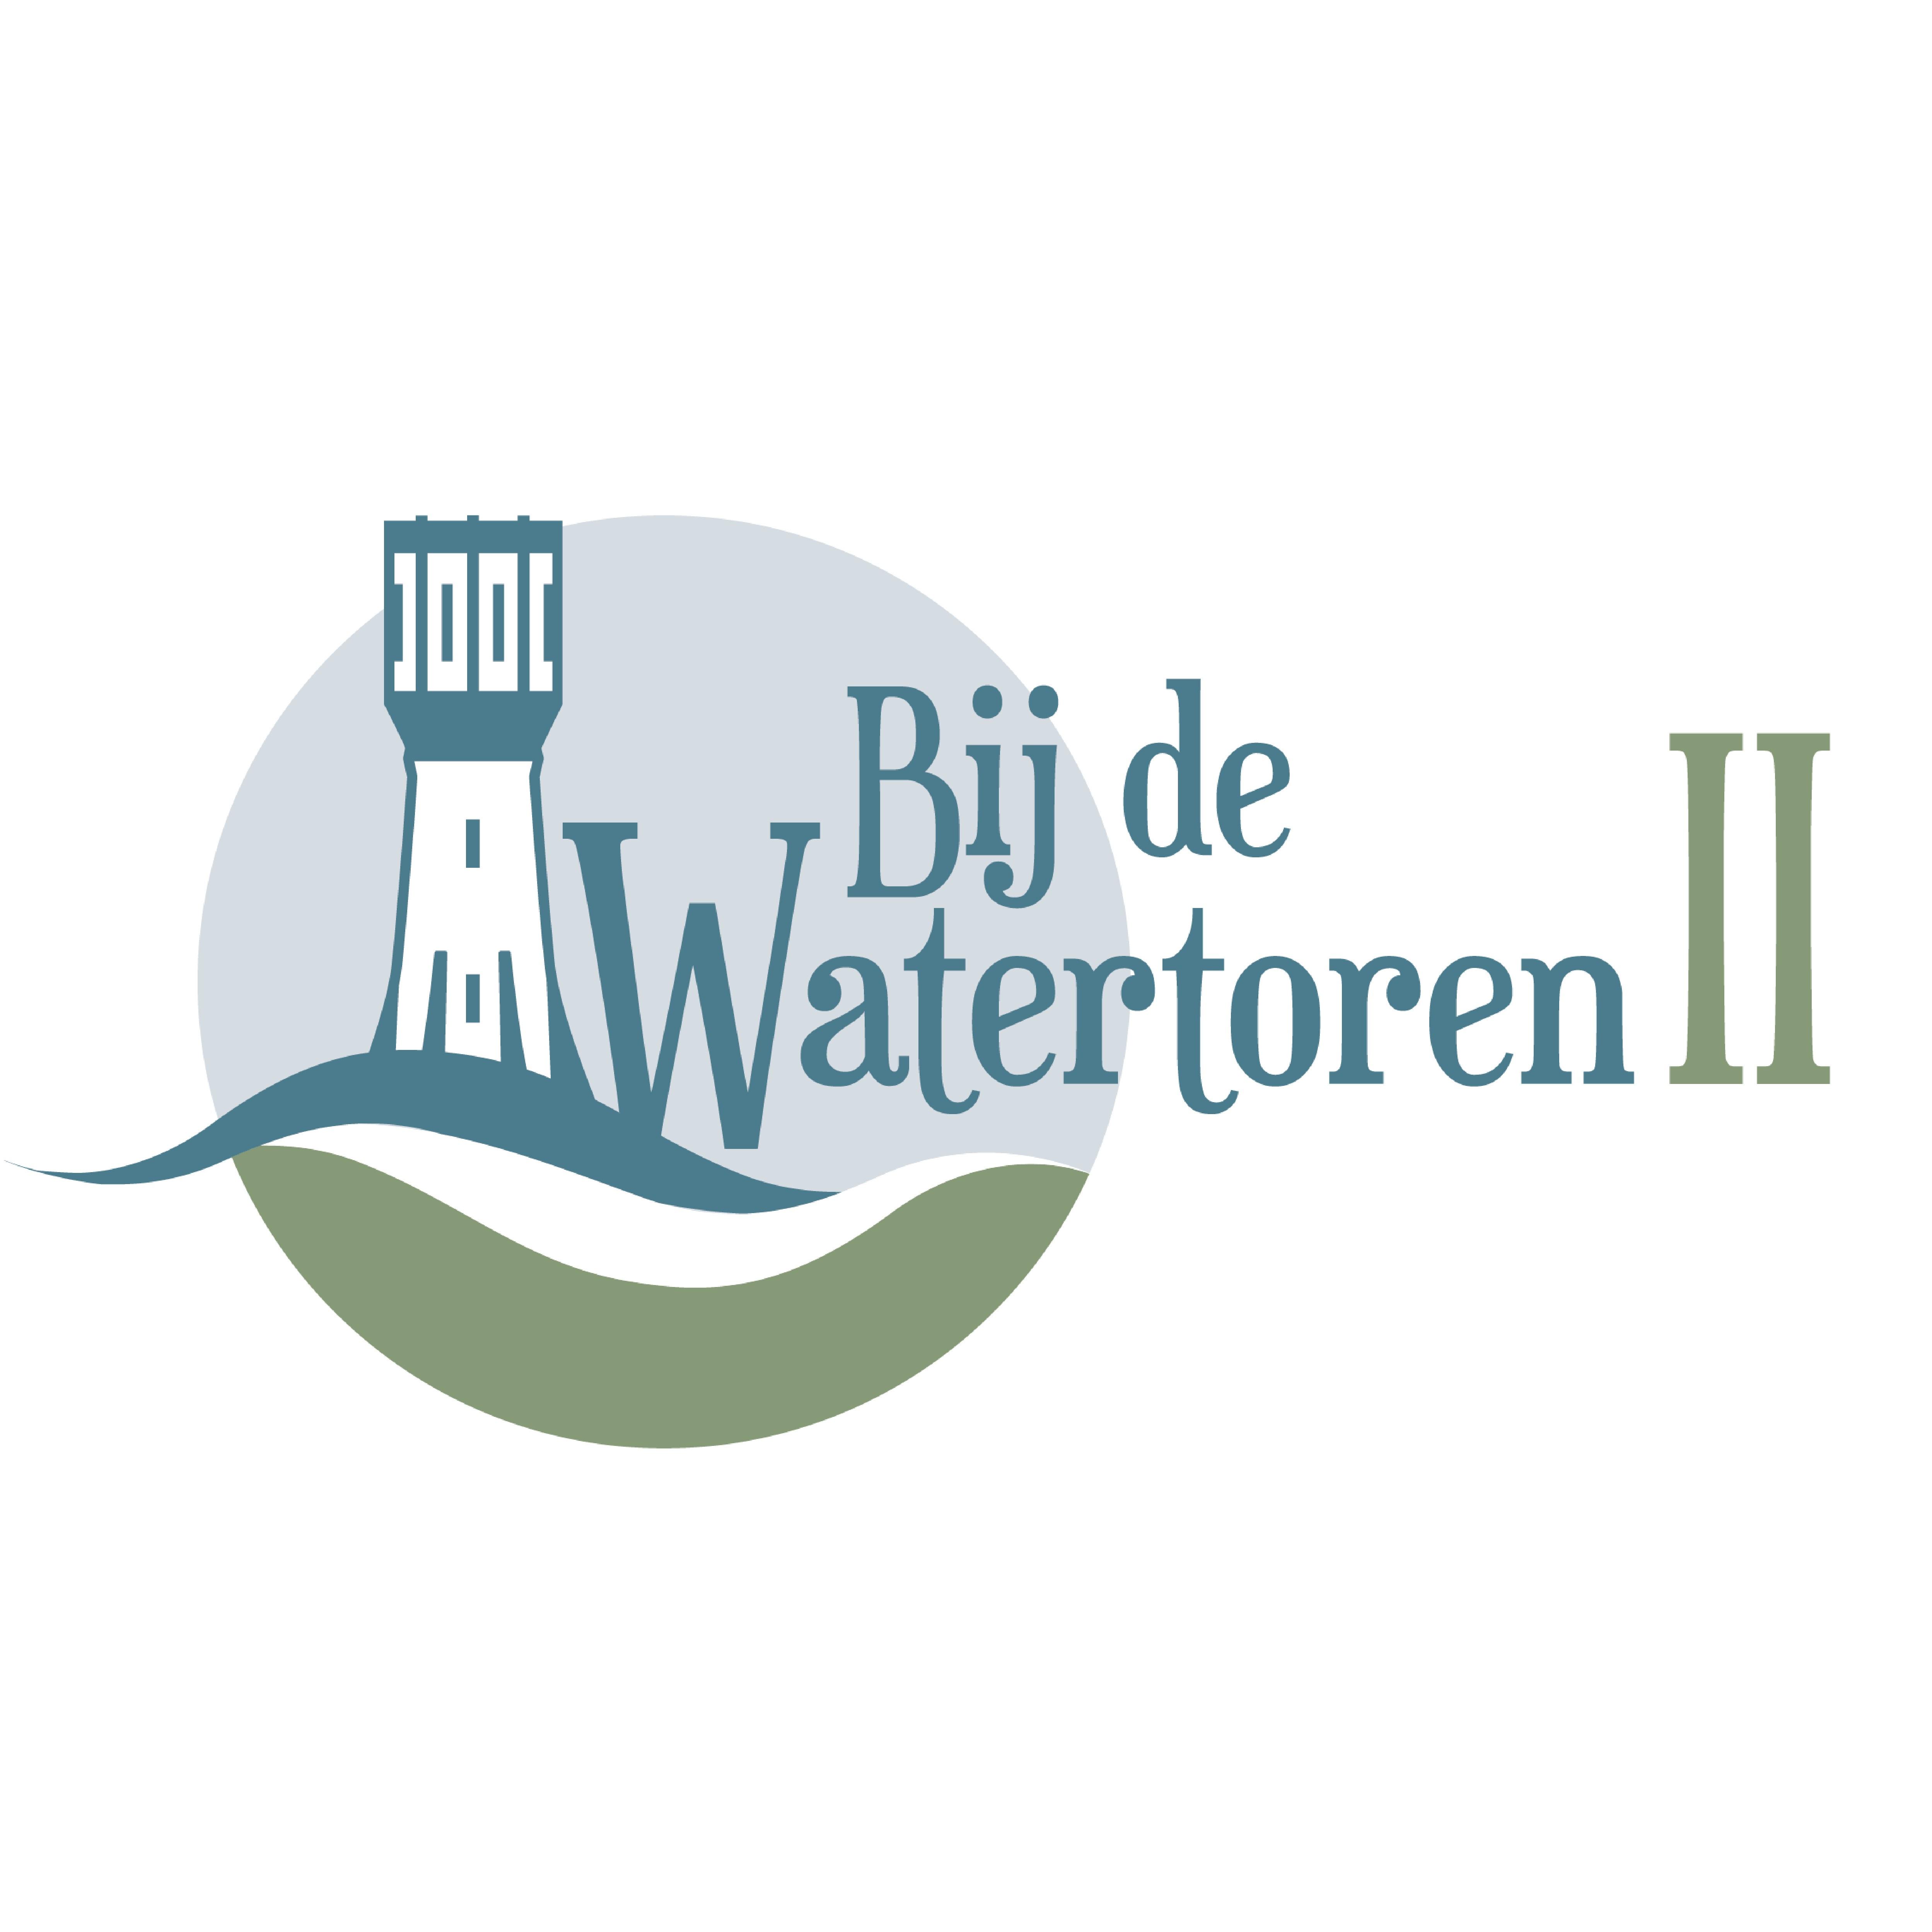 Bij-de-watertoren